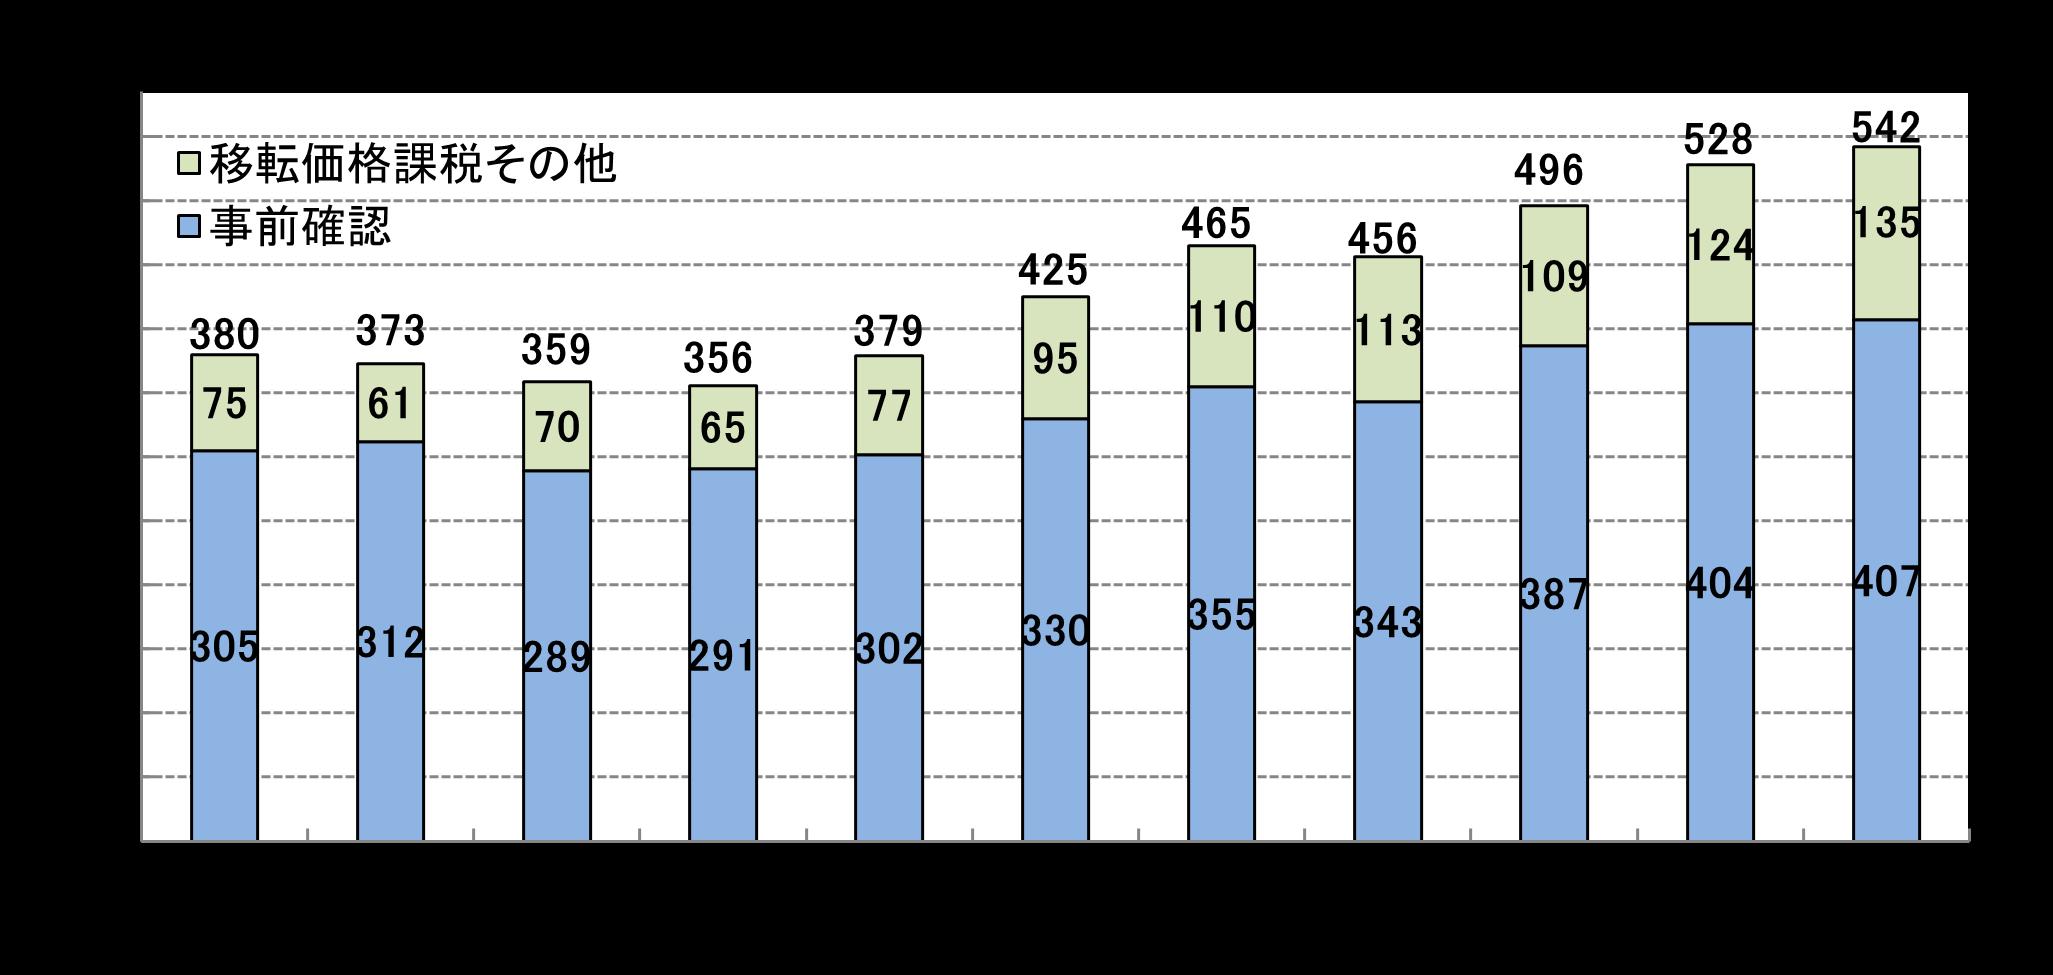 相互協議事案の繰越件数グラフ